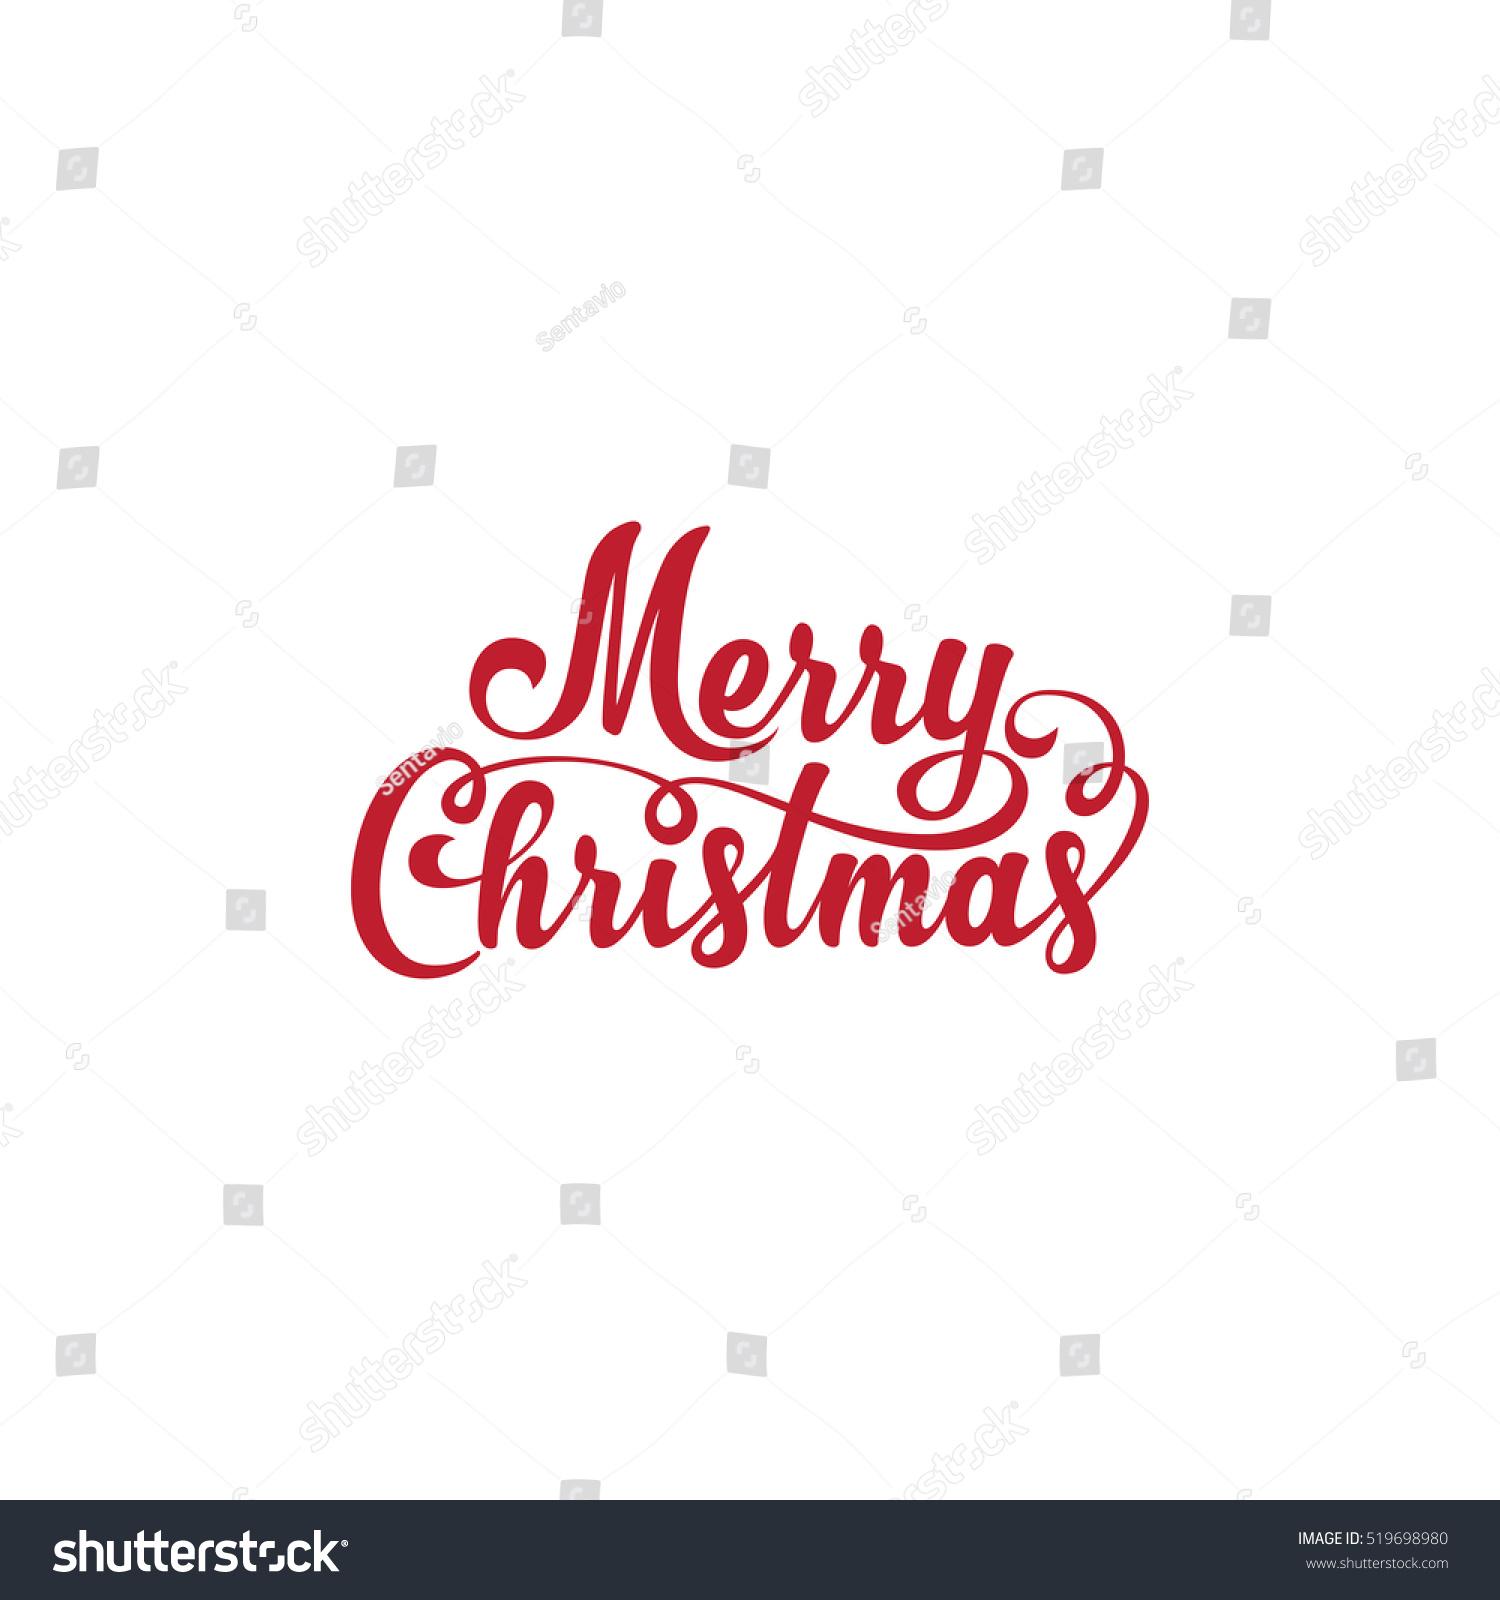 merry christmas text girlfriend